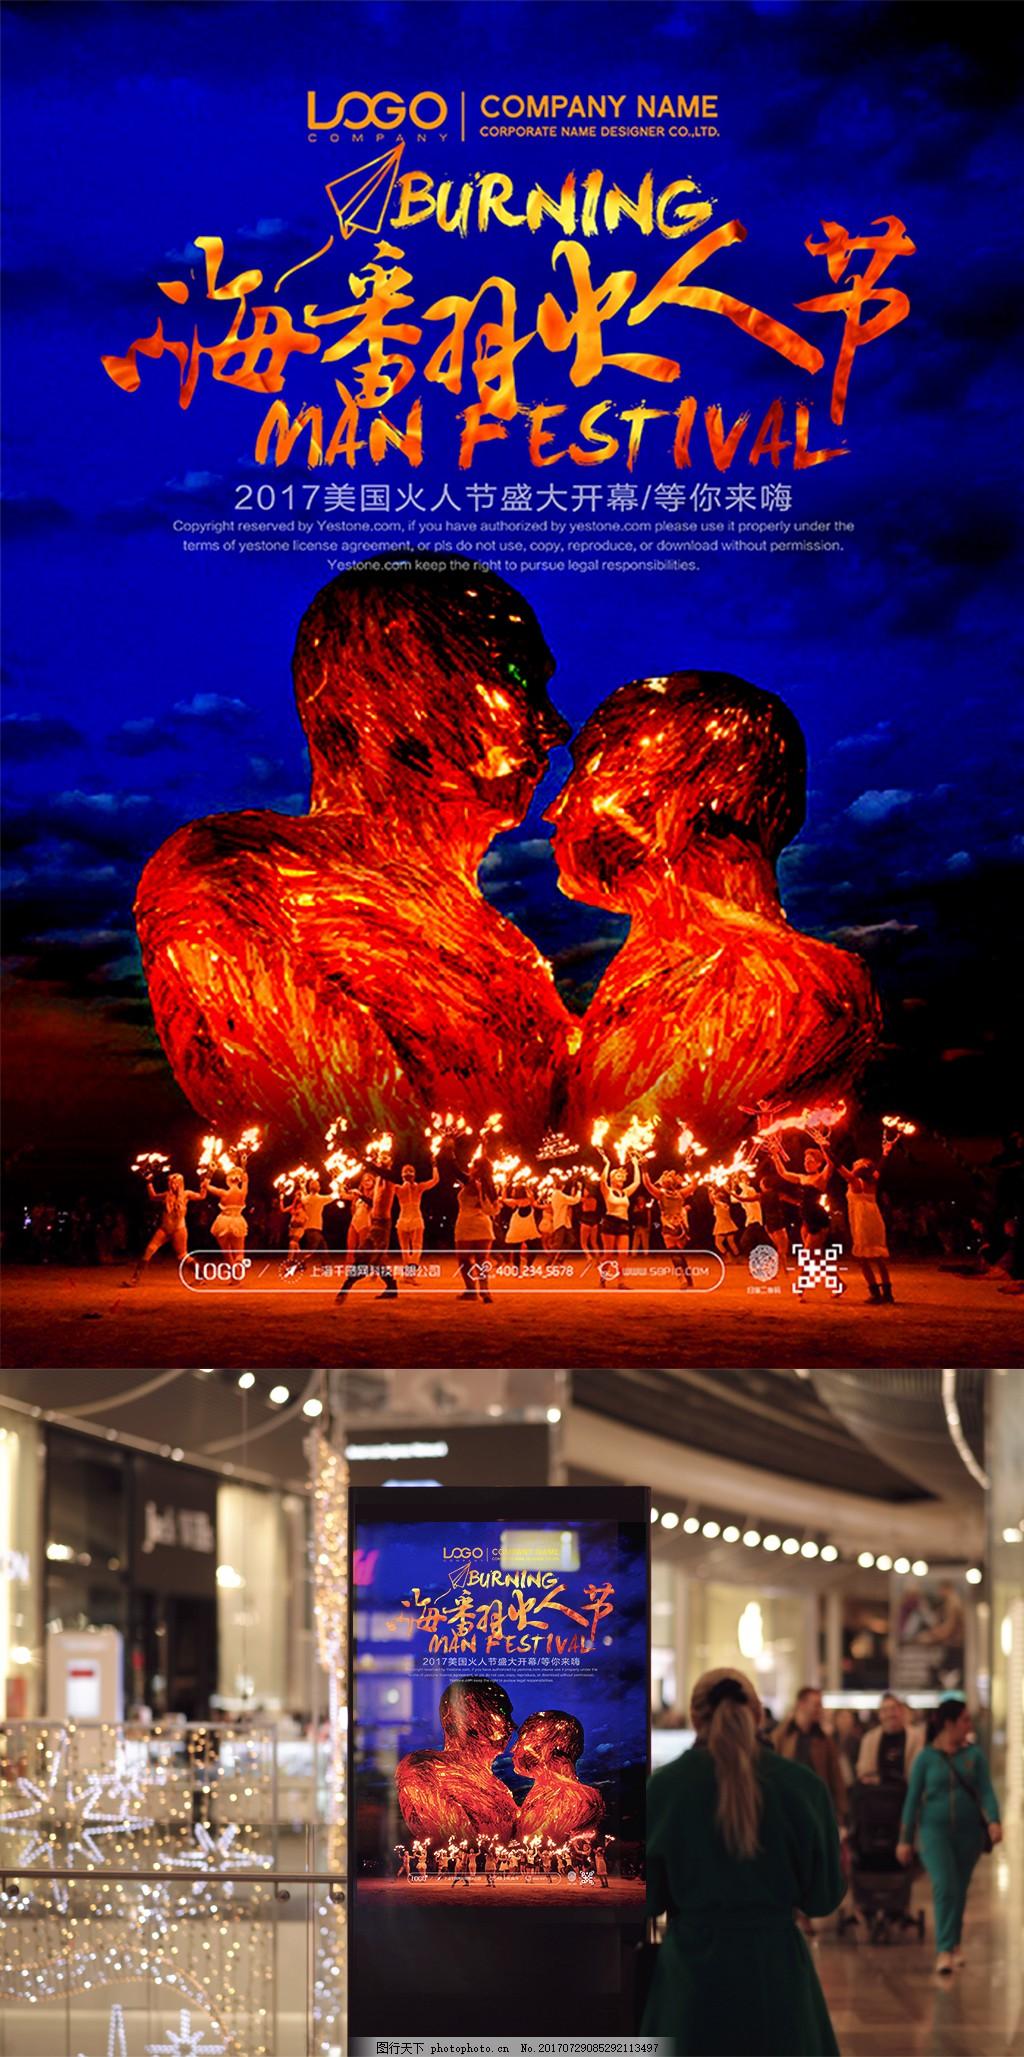 嗨翻火人节创意合成海报设计 震撼 火焰 美国火人节 畅游美国 火人节开幕